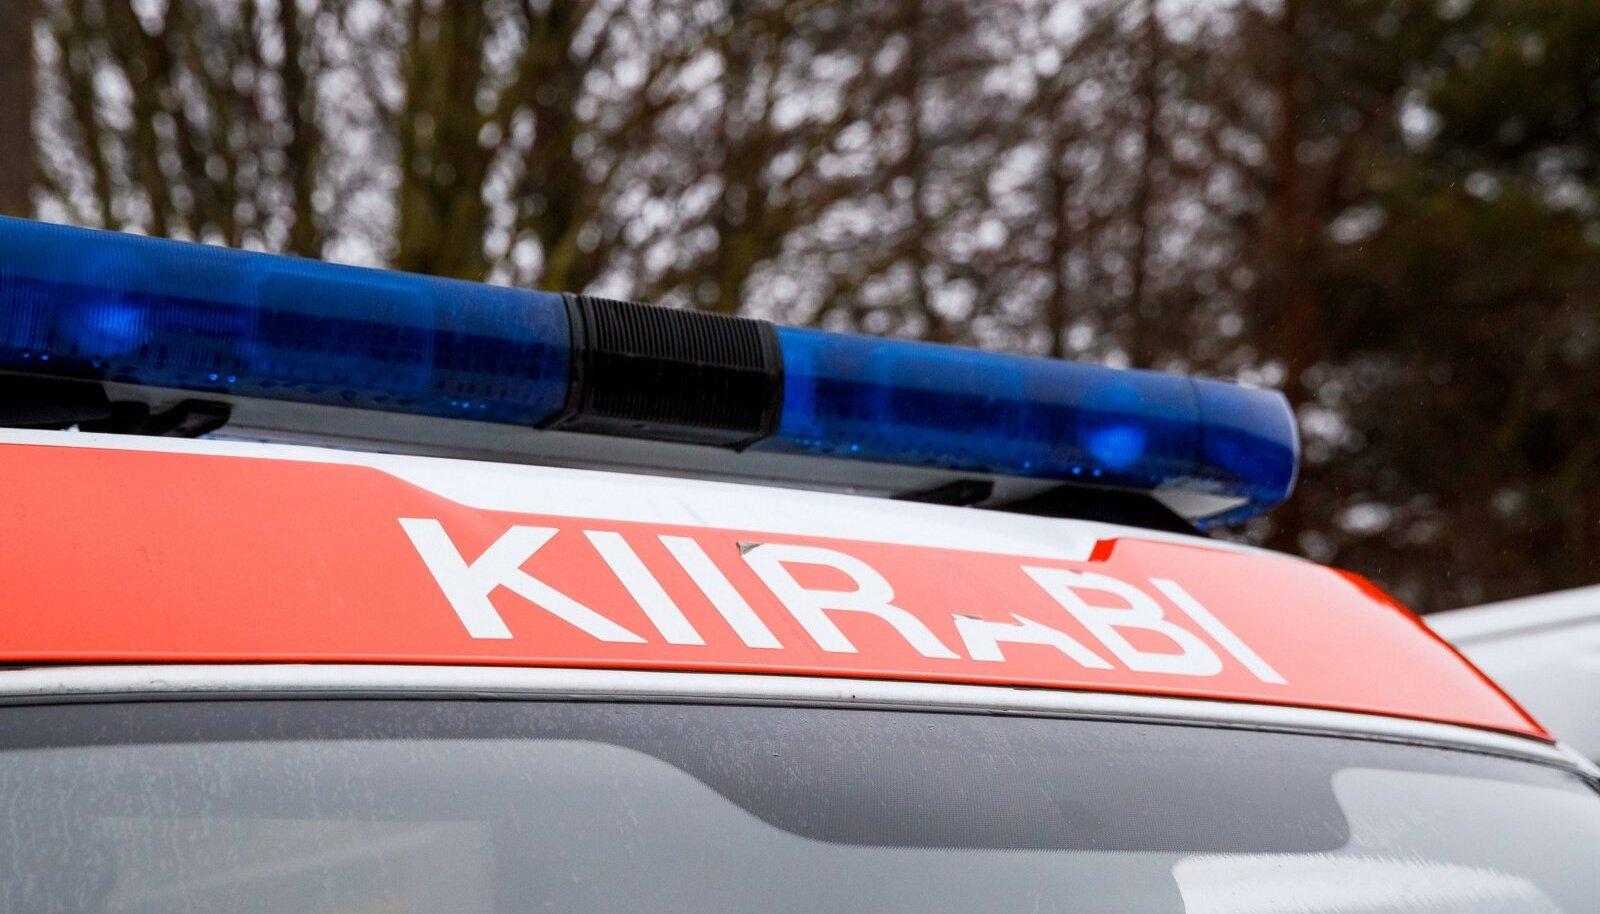 Kiirabi viis lapsed õnnetuspaigalt haiglasse (pilt on illustratiivne).